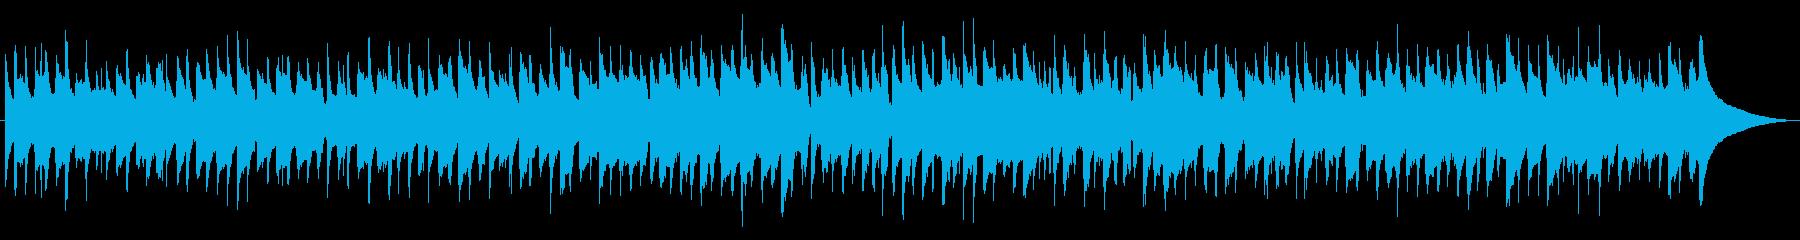 インディーフォークアコースティック...の再生済みの波形